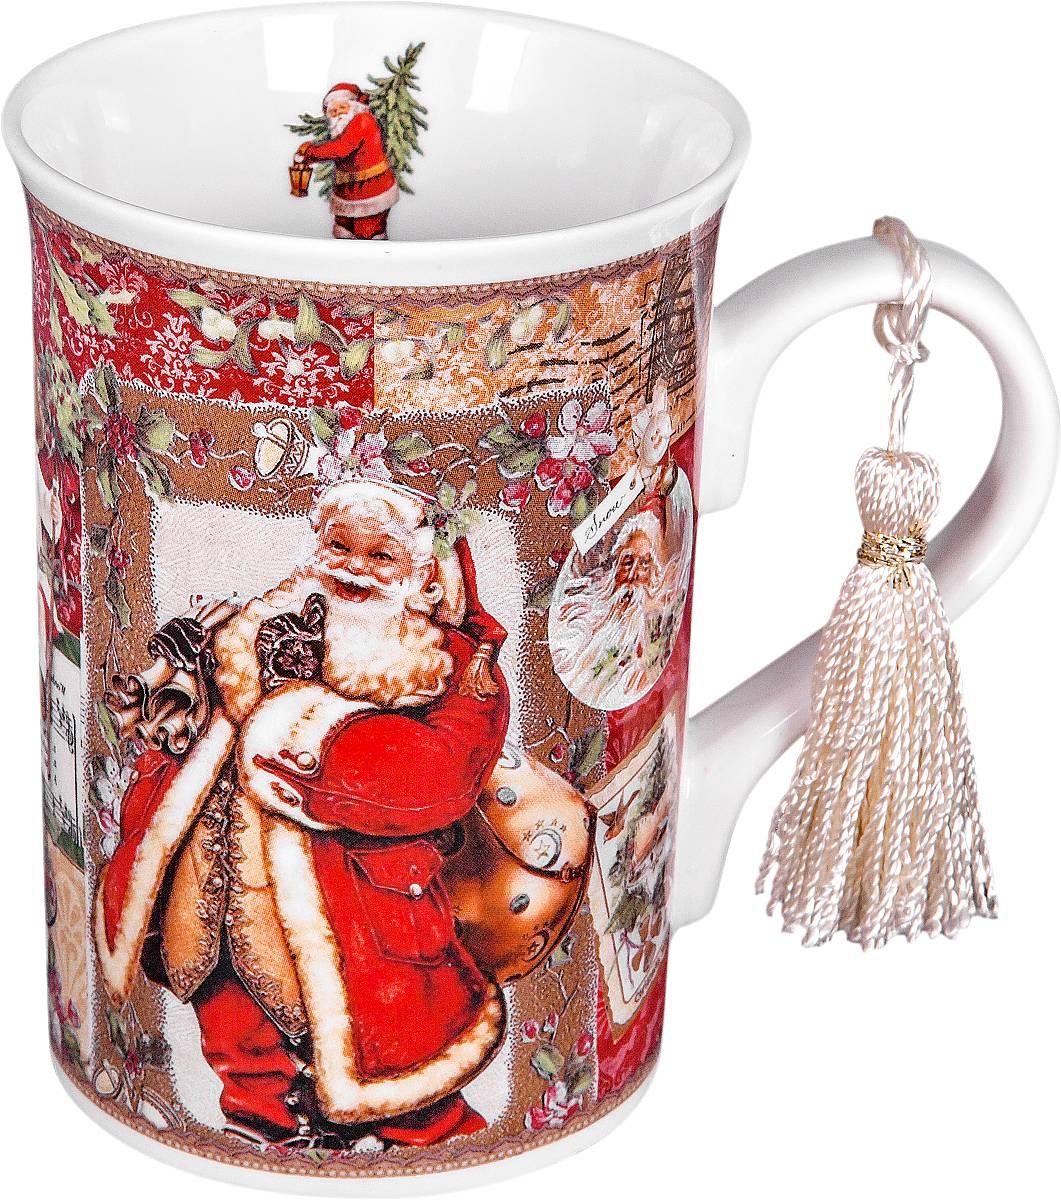 Кружка Mister Christmas Дед Мороз, высота 11 смVT-1520(SR)Кружка Mister Christmas Дед Мороз изготовлена из качественного глазурованного фарфора. Внешние стенки декорированы красивыми новогодними рисунками. Такая кружка согреет вас горячим напитком и станет неизменным атрибутом чаепития. Отличный новогодний подарок для друзей и близких.